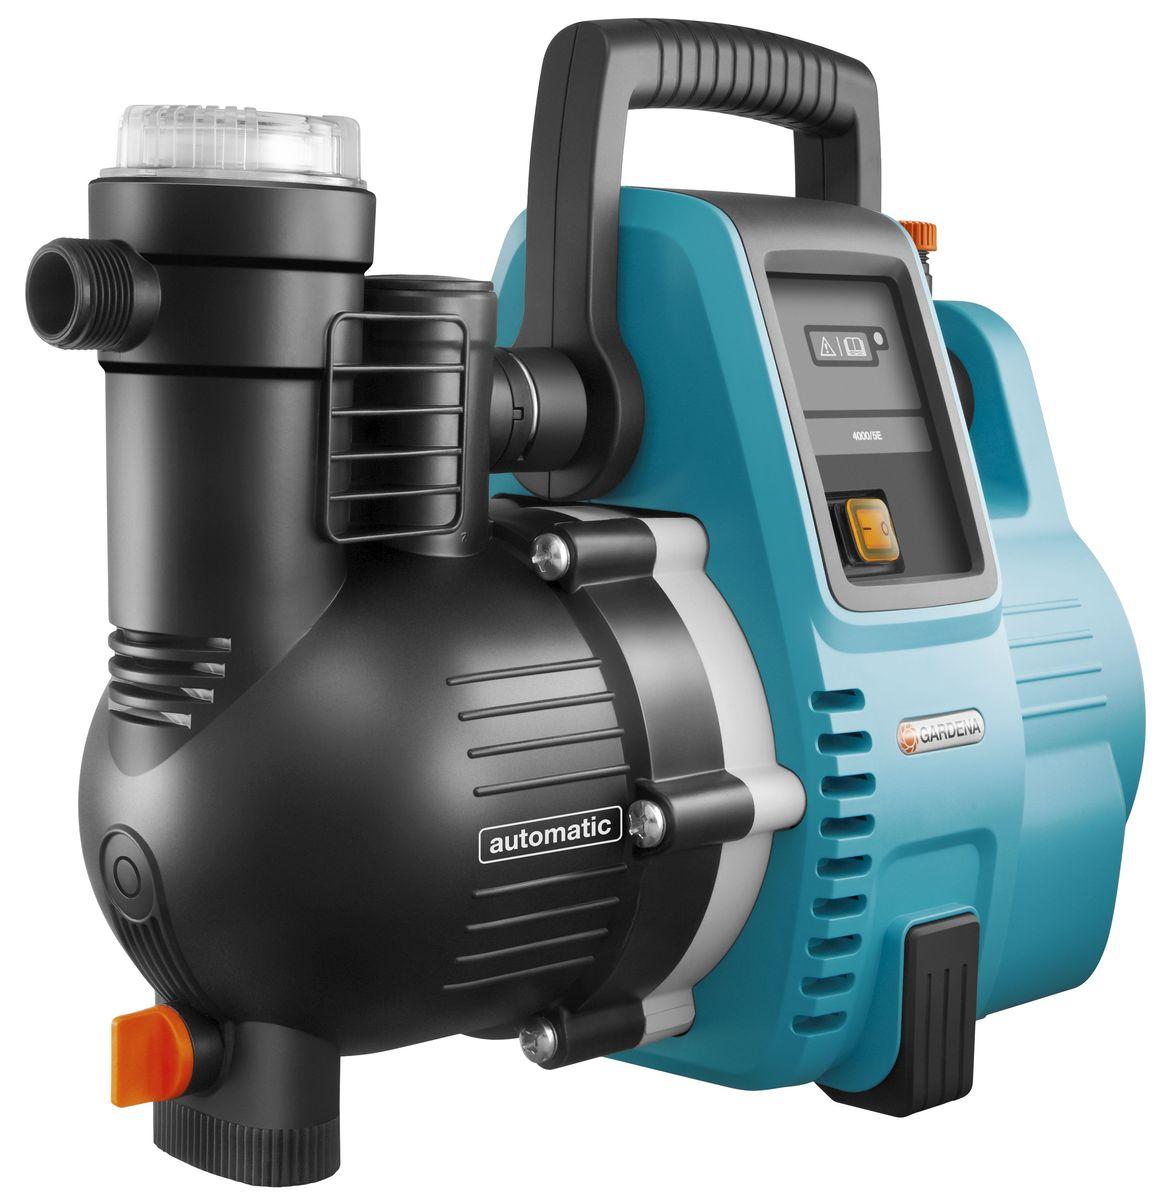 С напорным насосом GARDENA 4000/5E Comfort вы всегда сможете сэкономить ваши  деньги. Вы можете использовать дождевую воду там, где вам необходимо: дома в уборной  комнате или для стиральной машины, либо в саду для полива. Насос можно установить в  качестве постоянного узла вашей системы водоснабжения. Конструкция насоса  обеспечивает его компактную установку. Номинальная мощность насоса 1100 Вт,  максимальная производительность достигает 4000 л/ч, а давление 4,5 бар. Наличие  многочисленных функций обеспечивает удобное и безопасное использование: фильтр  предварительной очистки, защита от сухого хода, термозащита двигателя и датчик  давления, который позволяет автоматический включить насос при открытом кране. А  новая инновационная программа малого расхода воды, позволяет беспроблемно  использовать насос со стиральной машиной, посудомоечной и системой микрокапельного  полива. Дополнительным преимуществом обратного клапана является возможность  значительного сокращения времени всасывания при повторном запуске насоса. Благодаря  тому, что насос выполнен только из высококачественных материалов, пользователю  гарантирована высокая эффективность и бесшумность работы насоса. Не требующий  технического обслуживания конденсаторный двигатель с термовыключателем для защиты  от перегрузок включается без задержек и позволяет эффективно перекачивать воду под  давлением через систему насоса. Для удобства эксплуатации предусмотрена широкая  заливная горловина, которая упрощает наполнение насоса перед использованием.  Резиновые ножки обеспечивают устойчивость насоса, а также бесшумную эксплуатацию  без вибраций. В преддверии зимы насос легко опорожняется с помощью дренажной  пробки.  Максимальная производительность по нагнетанию: 4000 л/ч. Максимальное давление: 4,5 Бар. Максимальная высота самовсасывания: 8 м. Тип силового кабеля: H07 RNF.